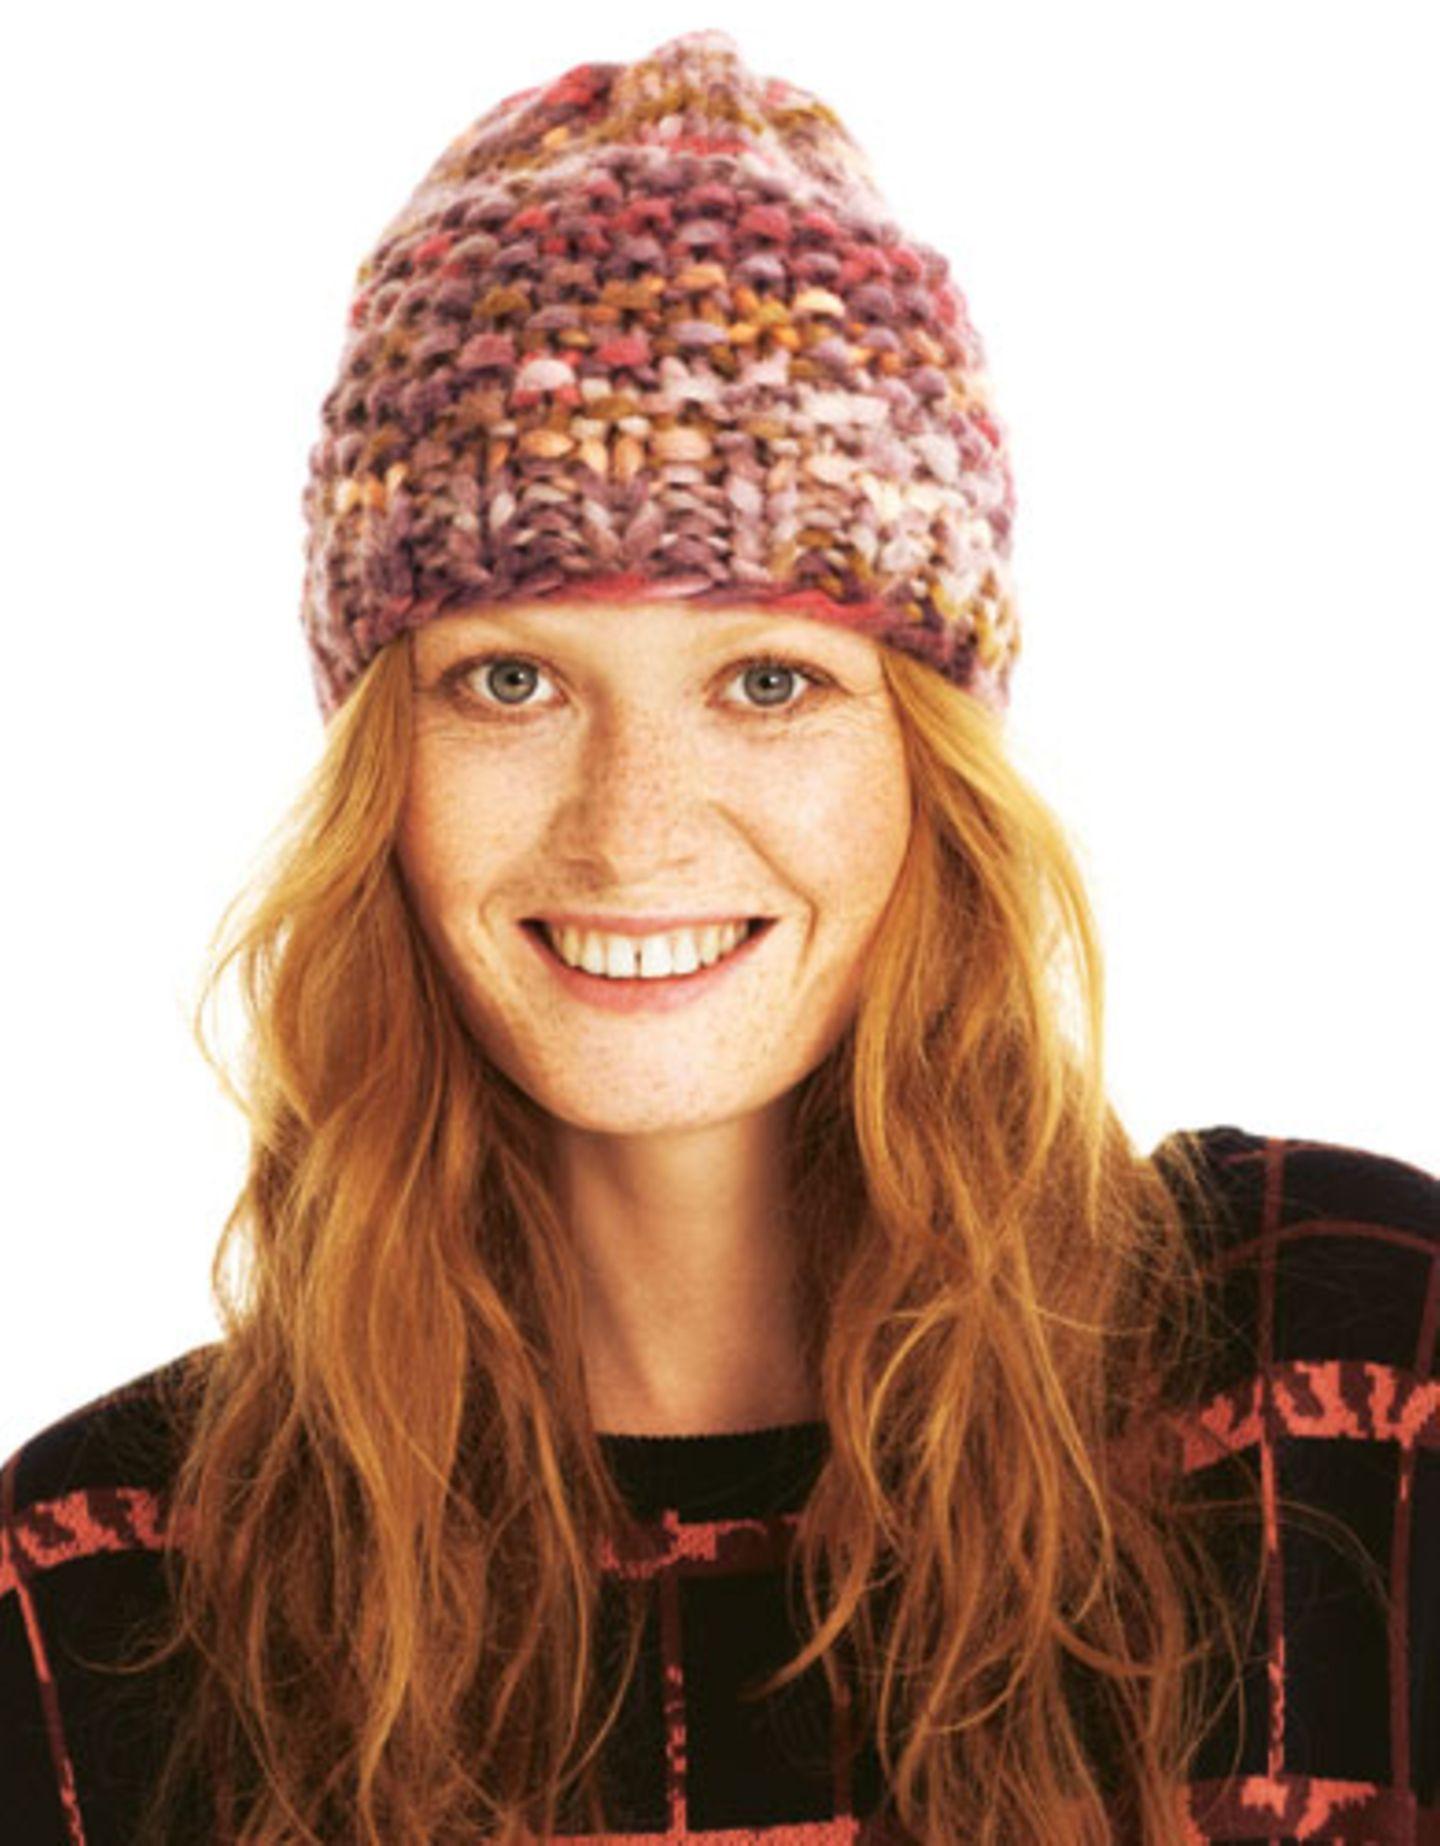 Mustermix-Mütze Jede Masche eine Perle. Und der warme Farbmix macht gute Laune. Zur Anleitung: Mustermix-Mütze stricken